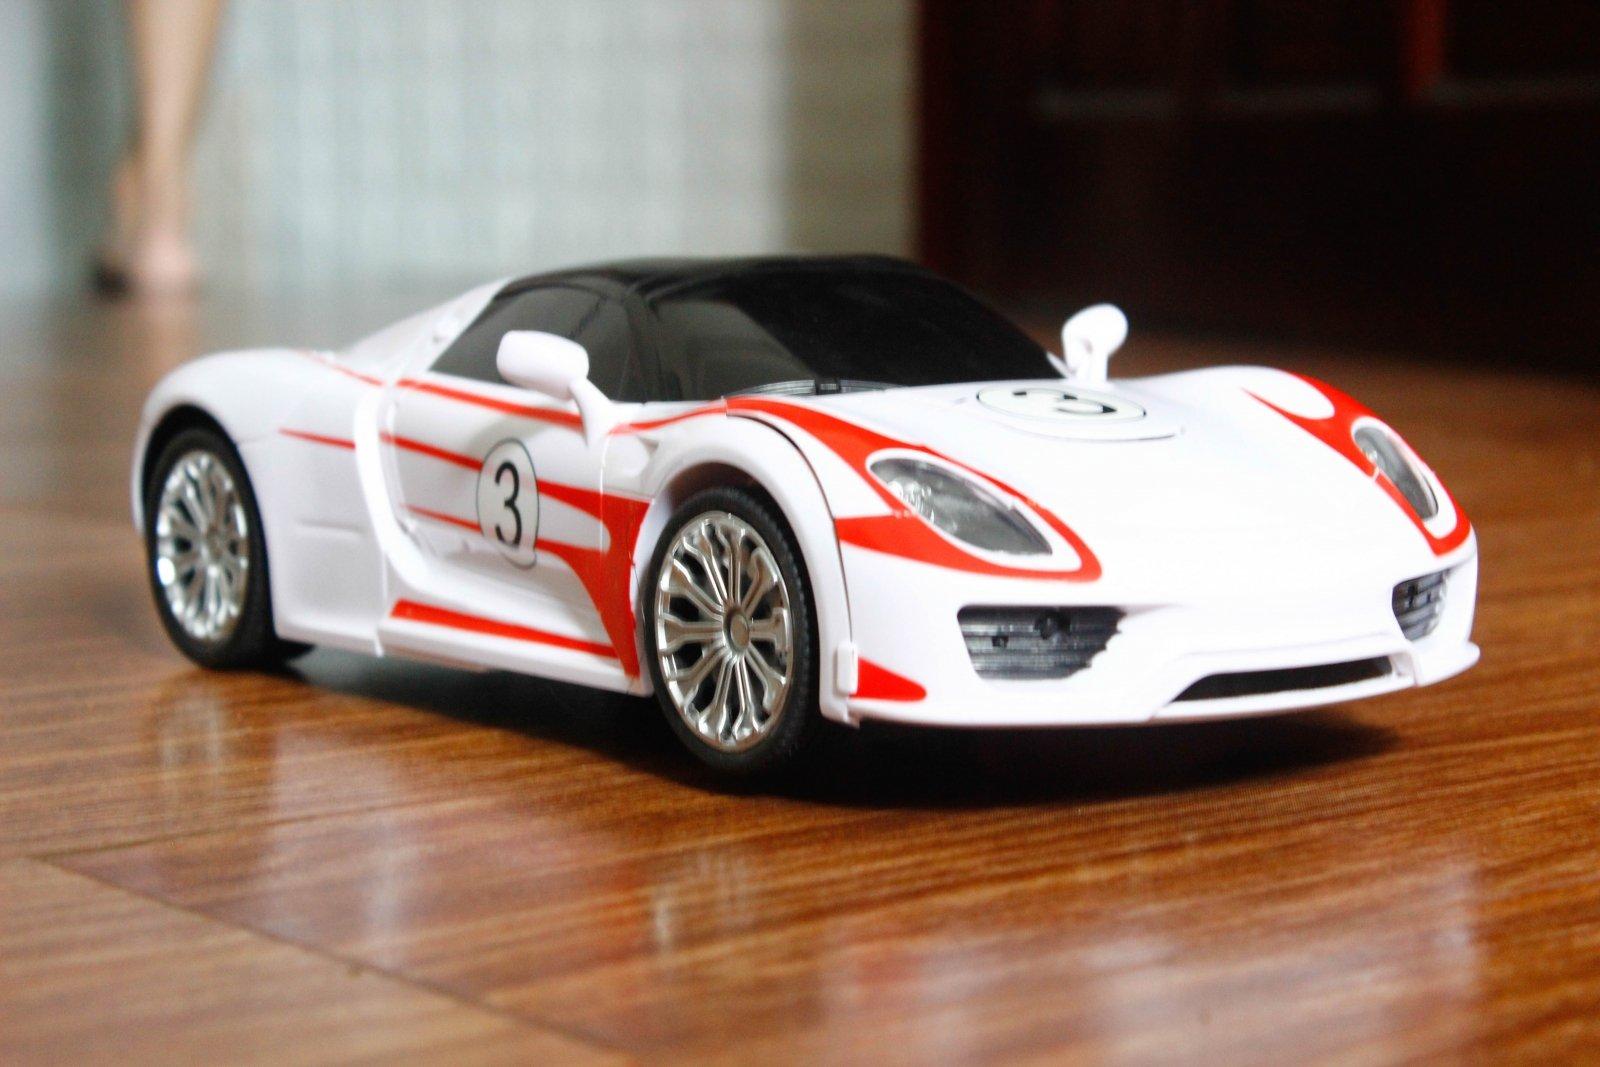 bán xe robot biến hình giá rẻ đẹp ở tphcm 0013